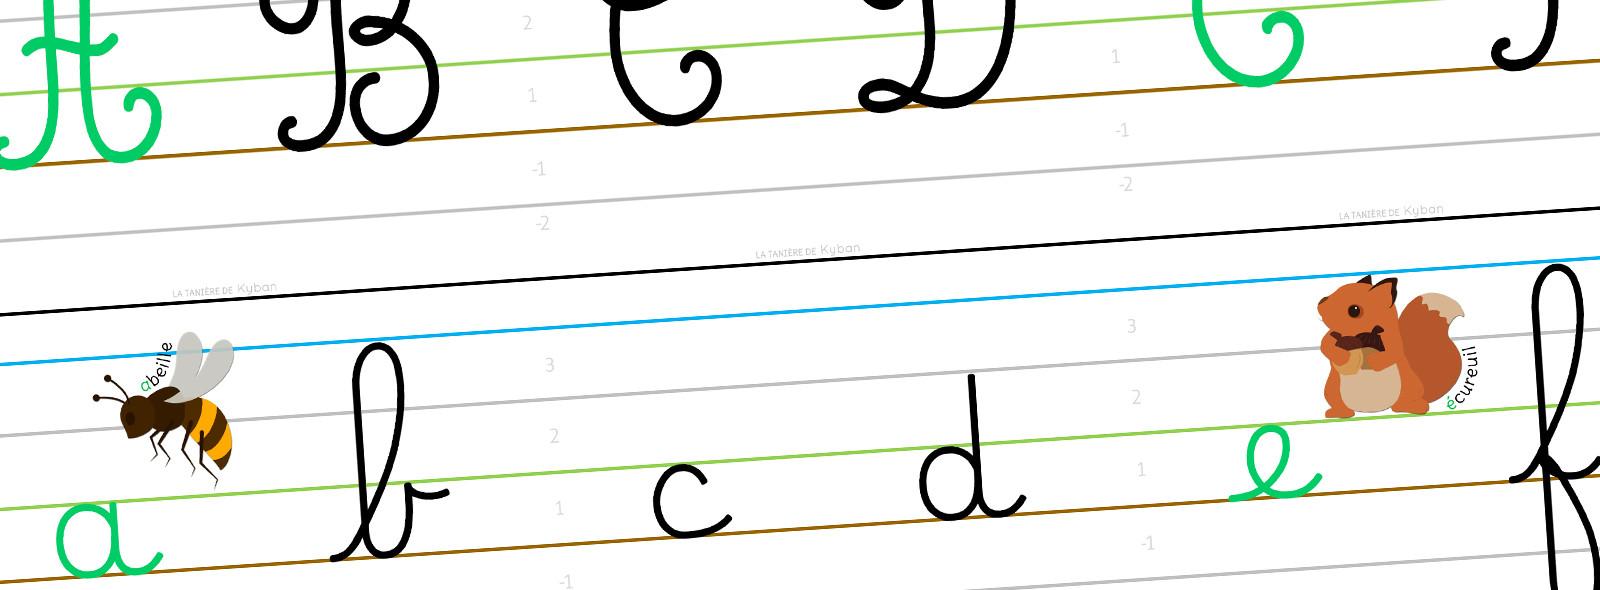 Affichage de l'alphabet - cursive Dumont